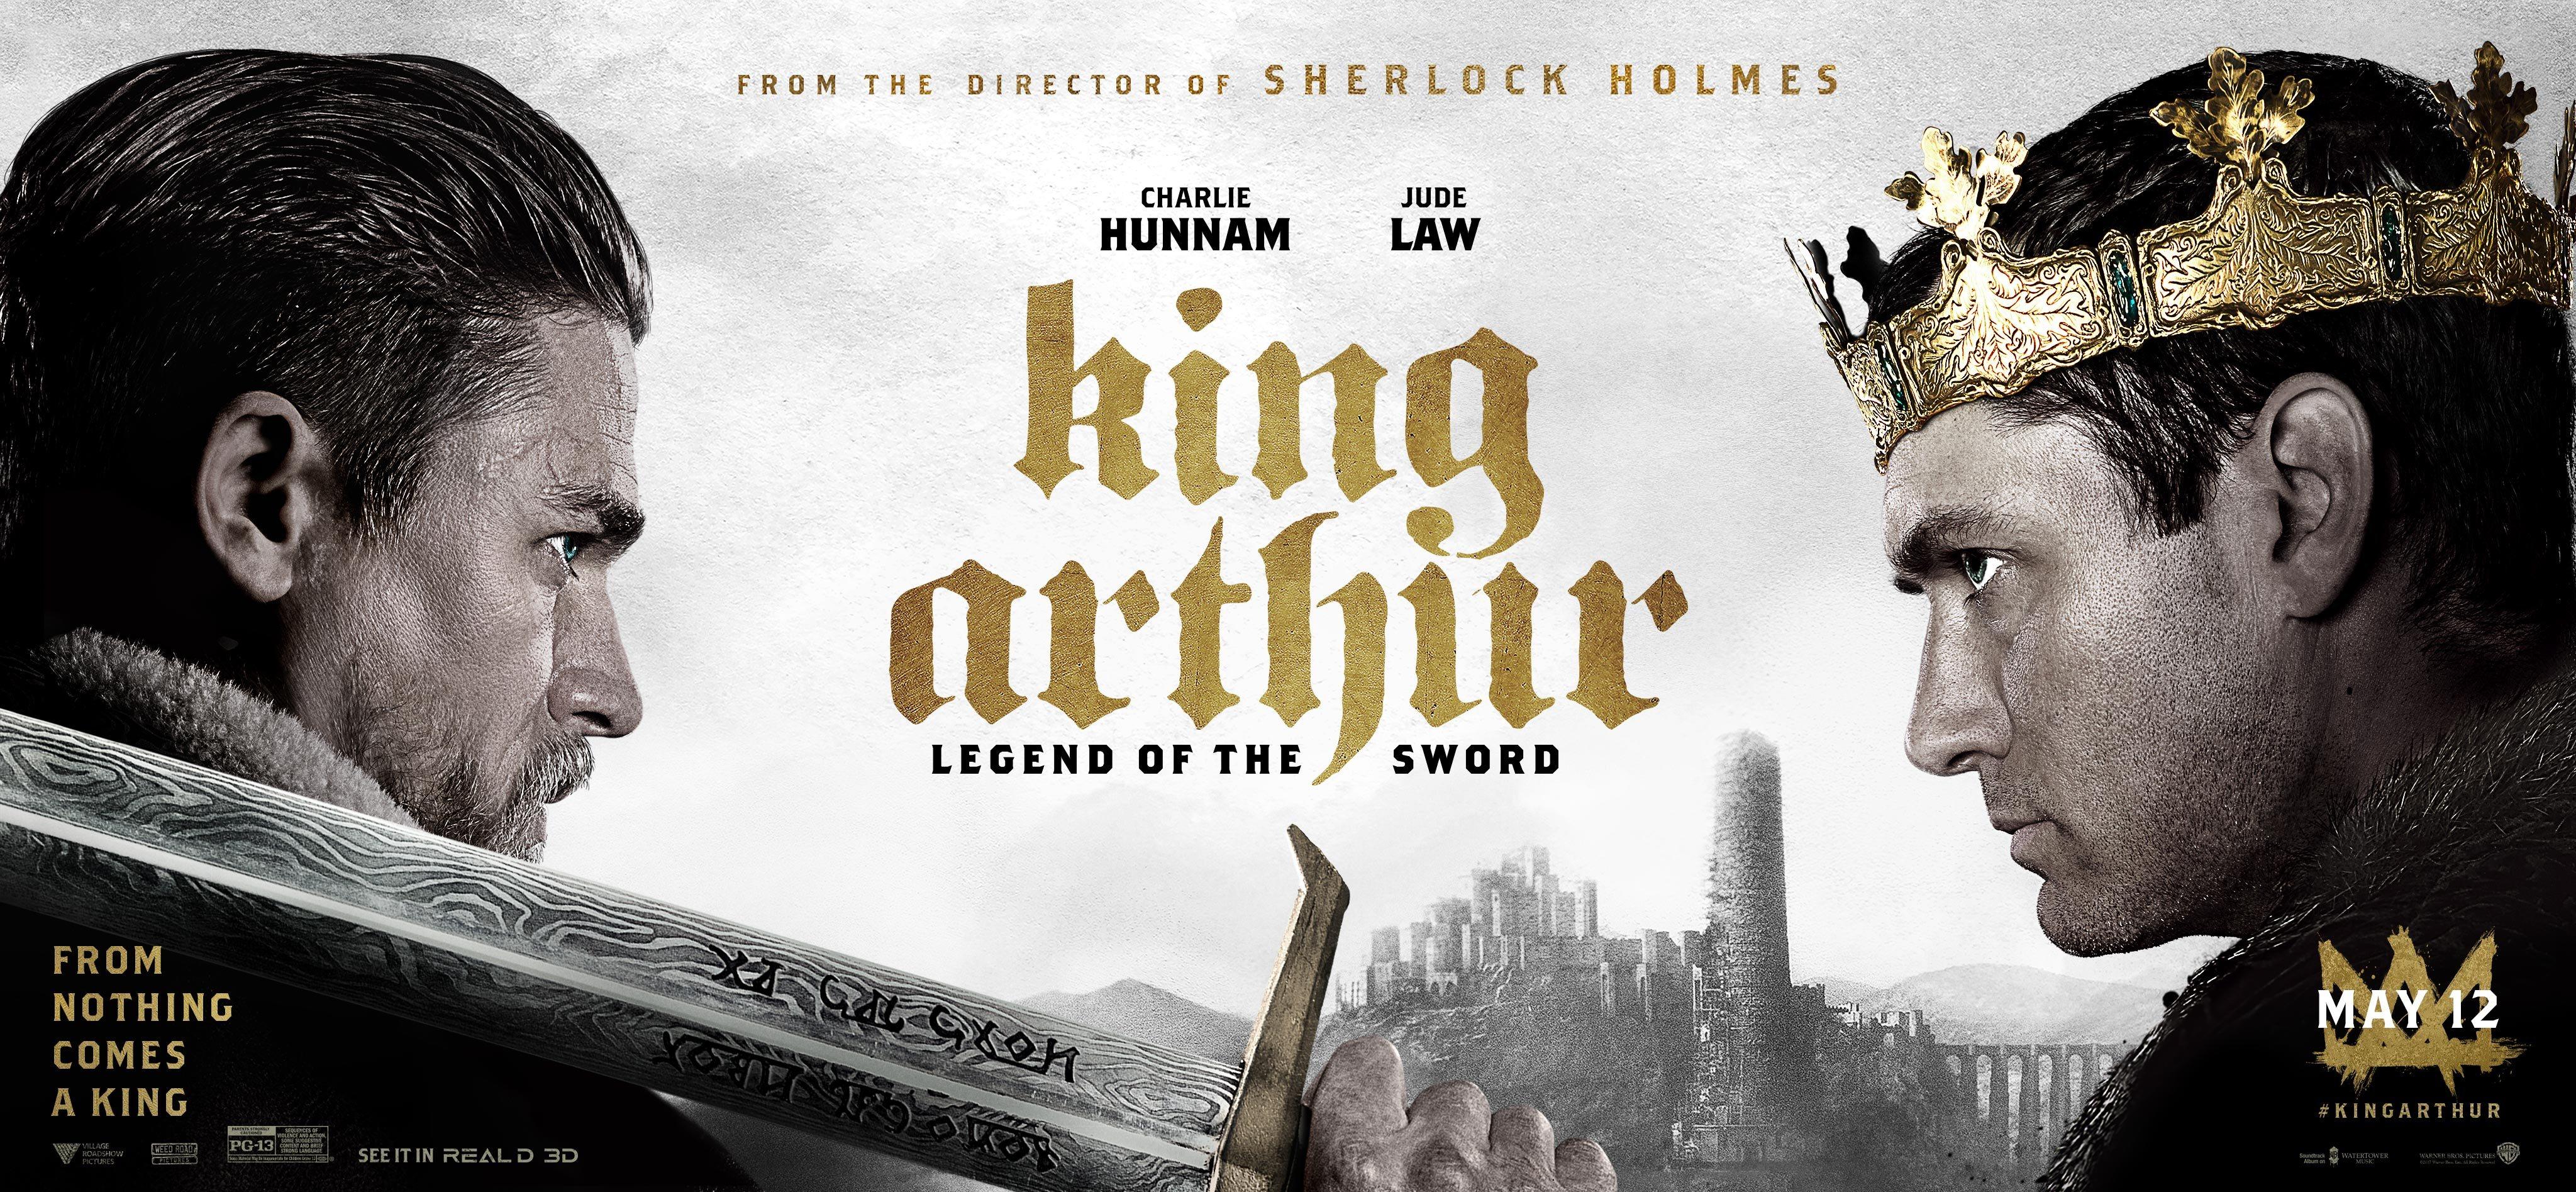 King Arthur Il potere della spada